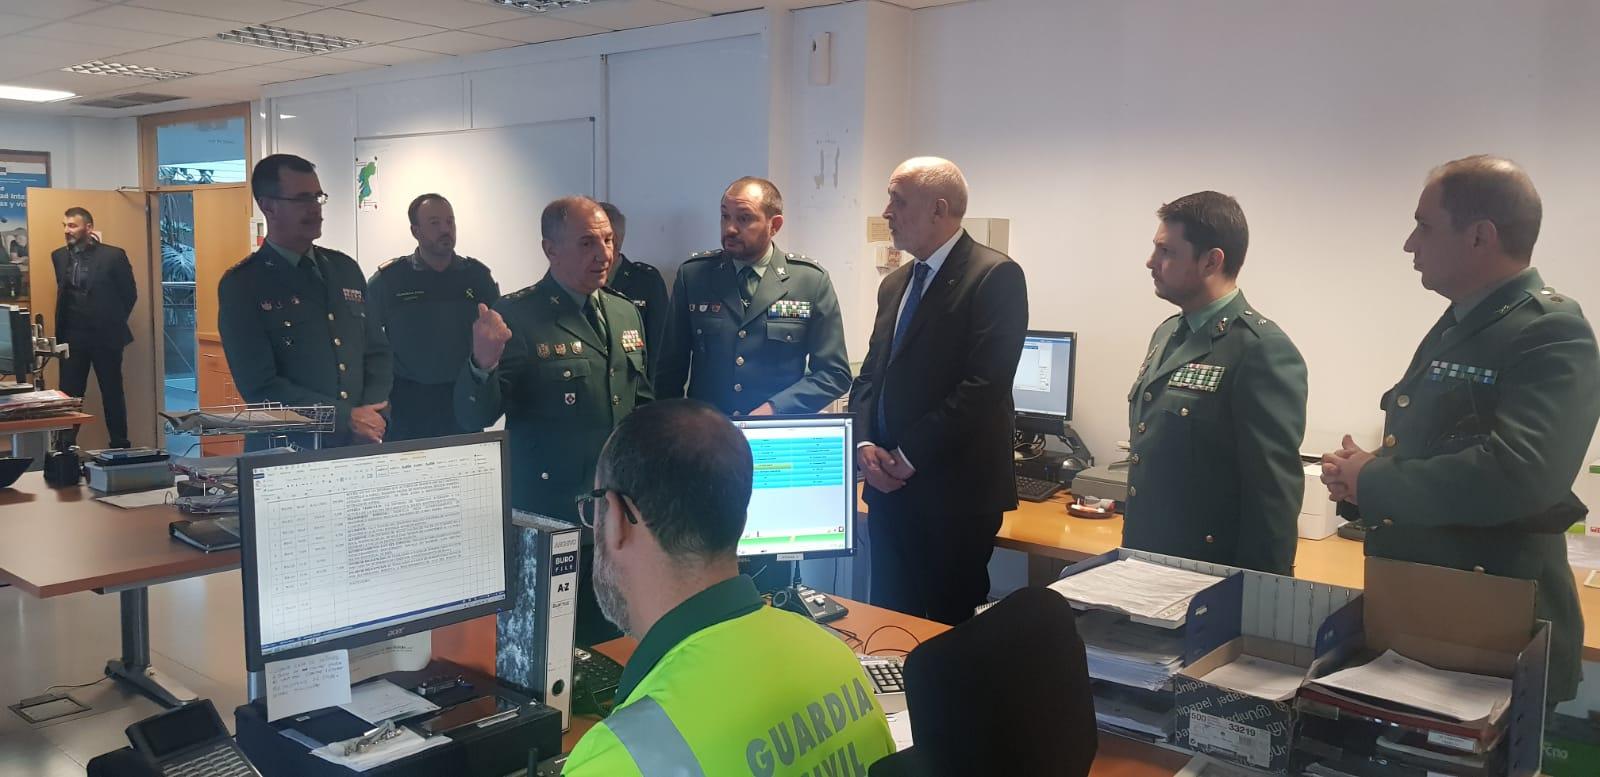 El director general de la Guardia Civil se reúne con los mandos de la Comandancia de Pontevedra